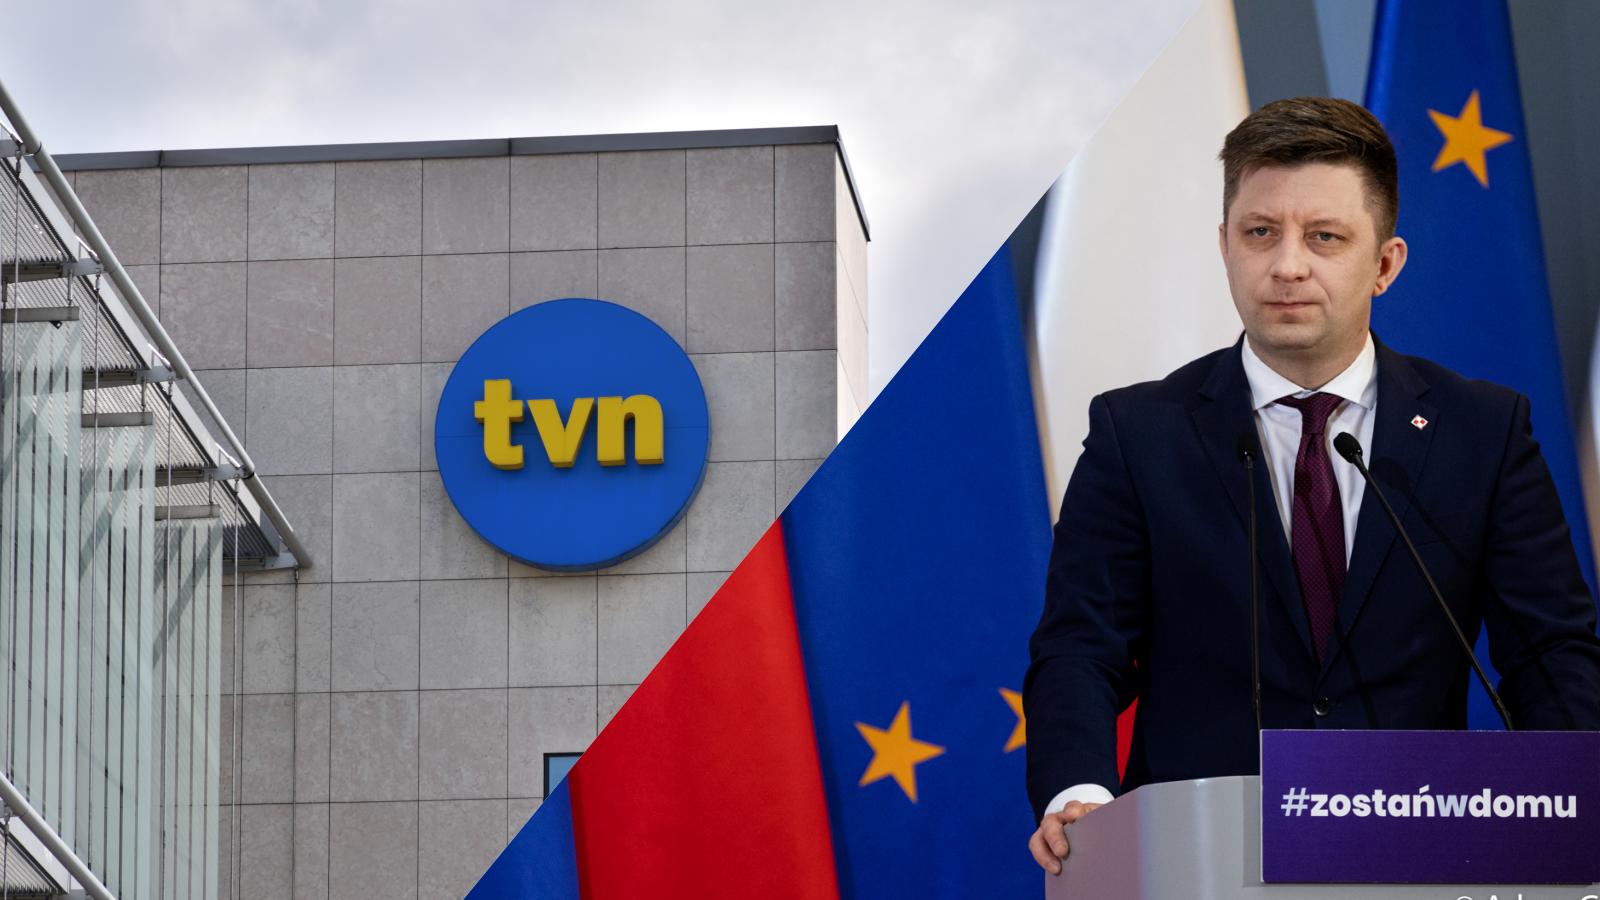 """""""Wolne media"""". Dworczyk miał konsultować odpowiedzi na pytania mediów z dziennikarzem TVN"""